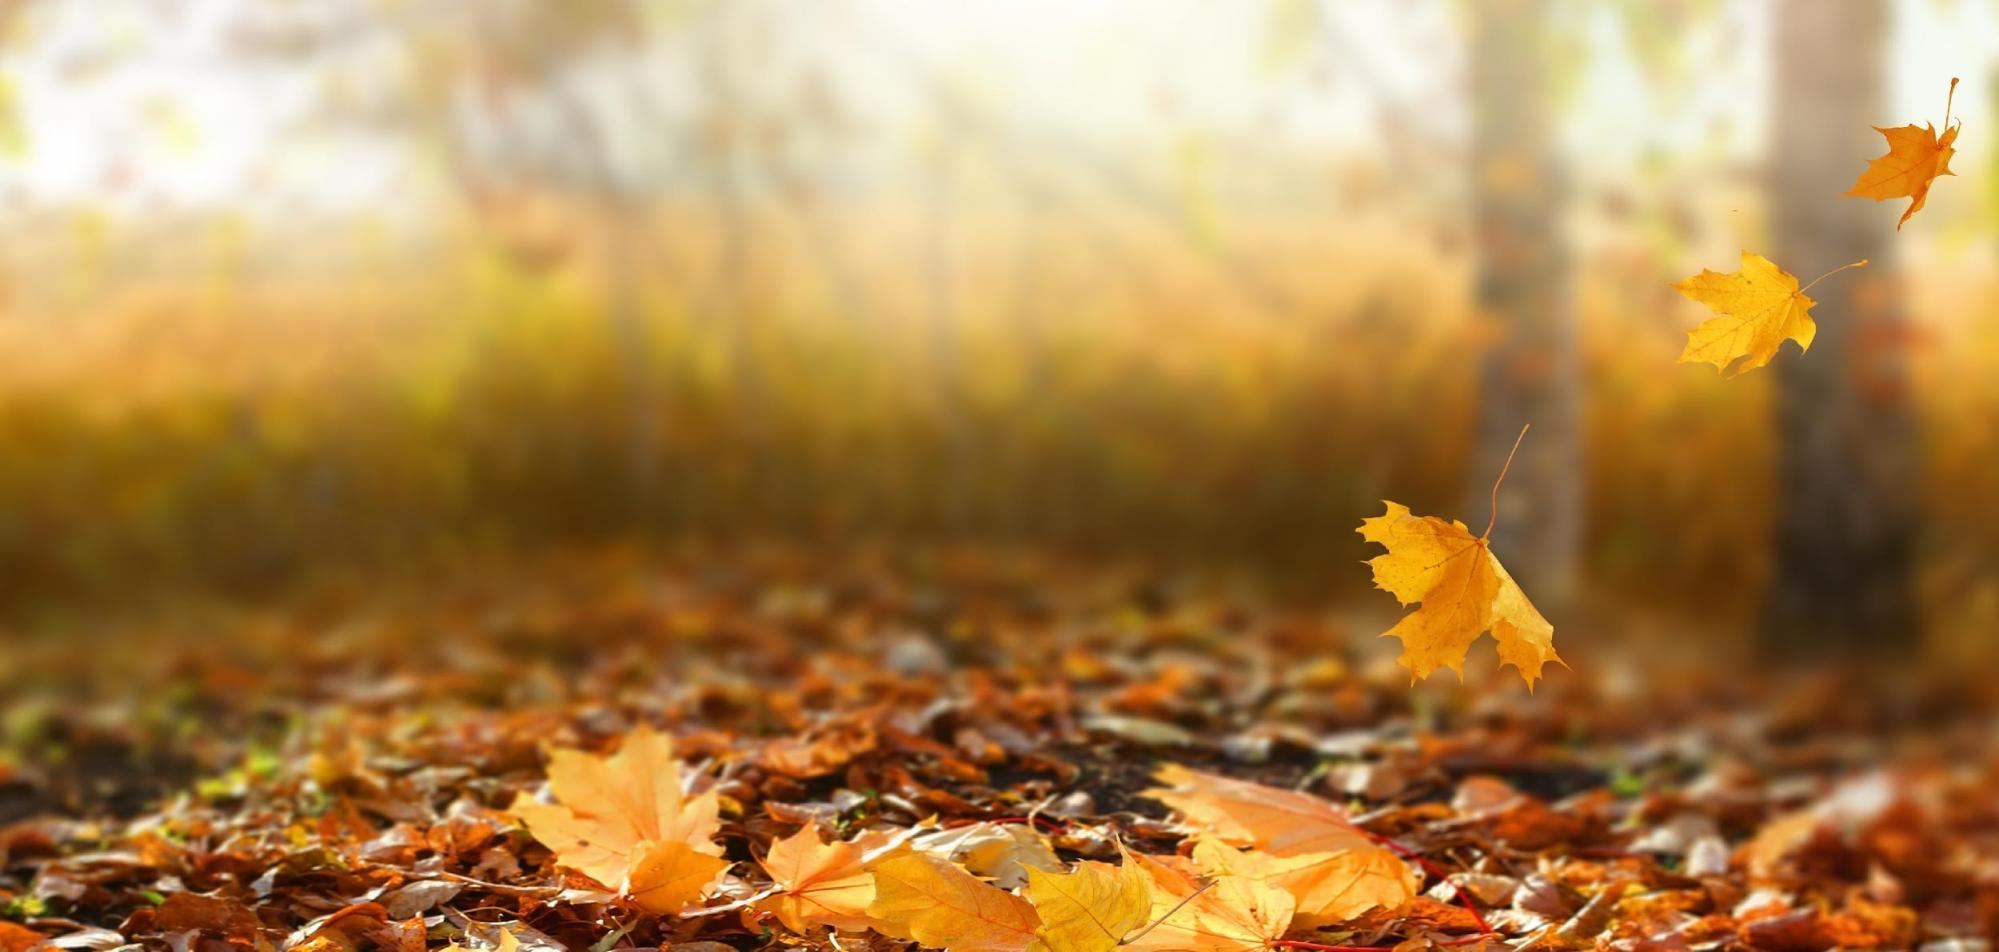 秋の一コマ | Air ~アリア~ - 楽天ブログ